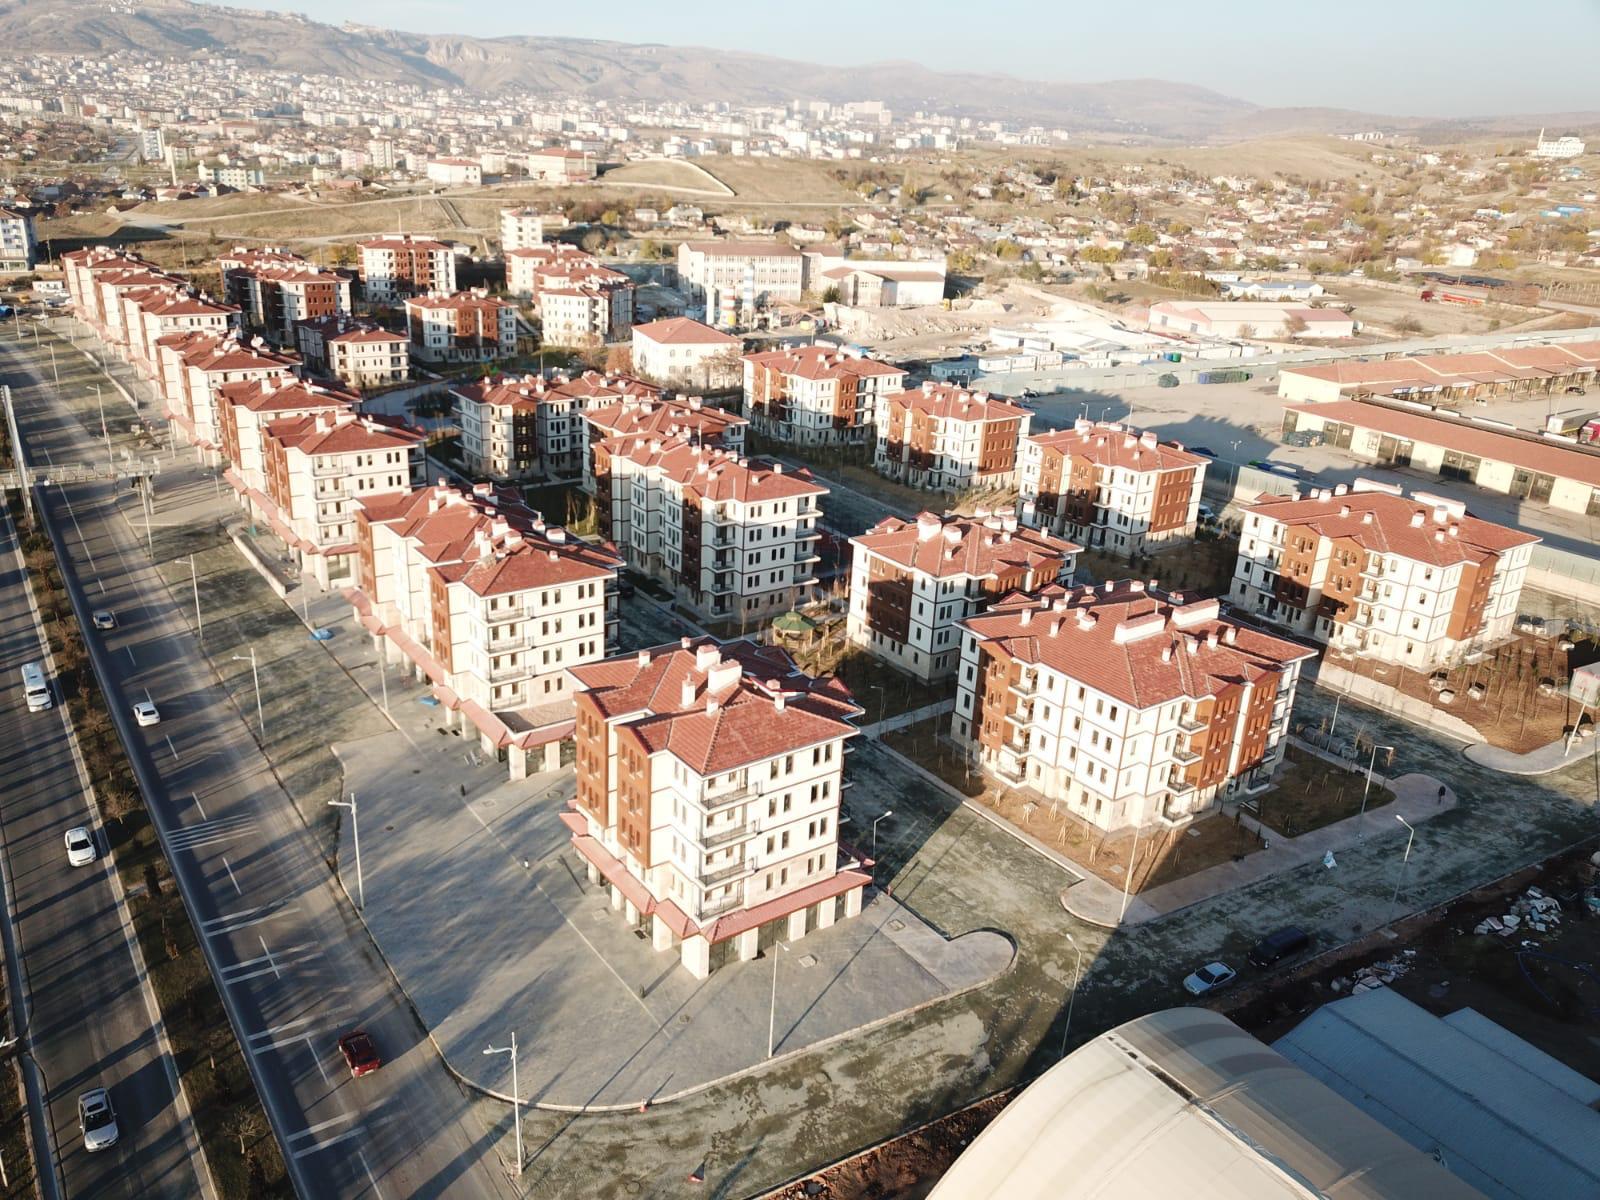 2020 Yılı İçerisinde Elazığ`da Meydana Gelen Depremler ve Sonrasında Yapılan Çalışmalar